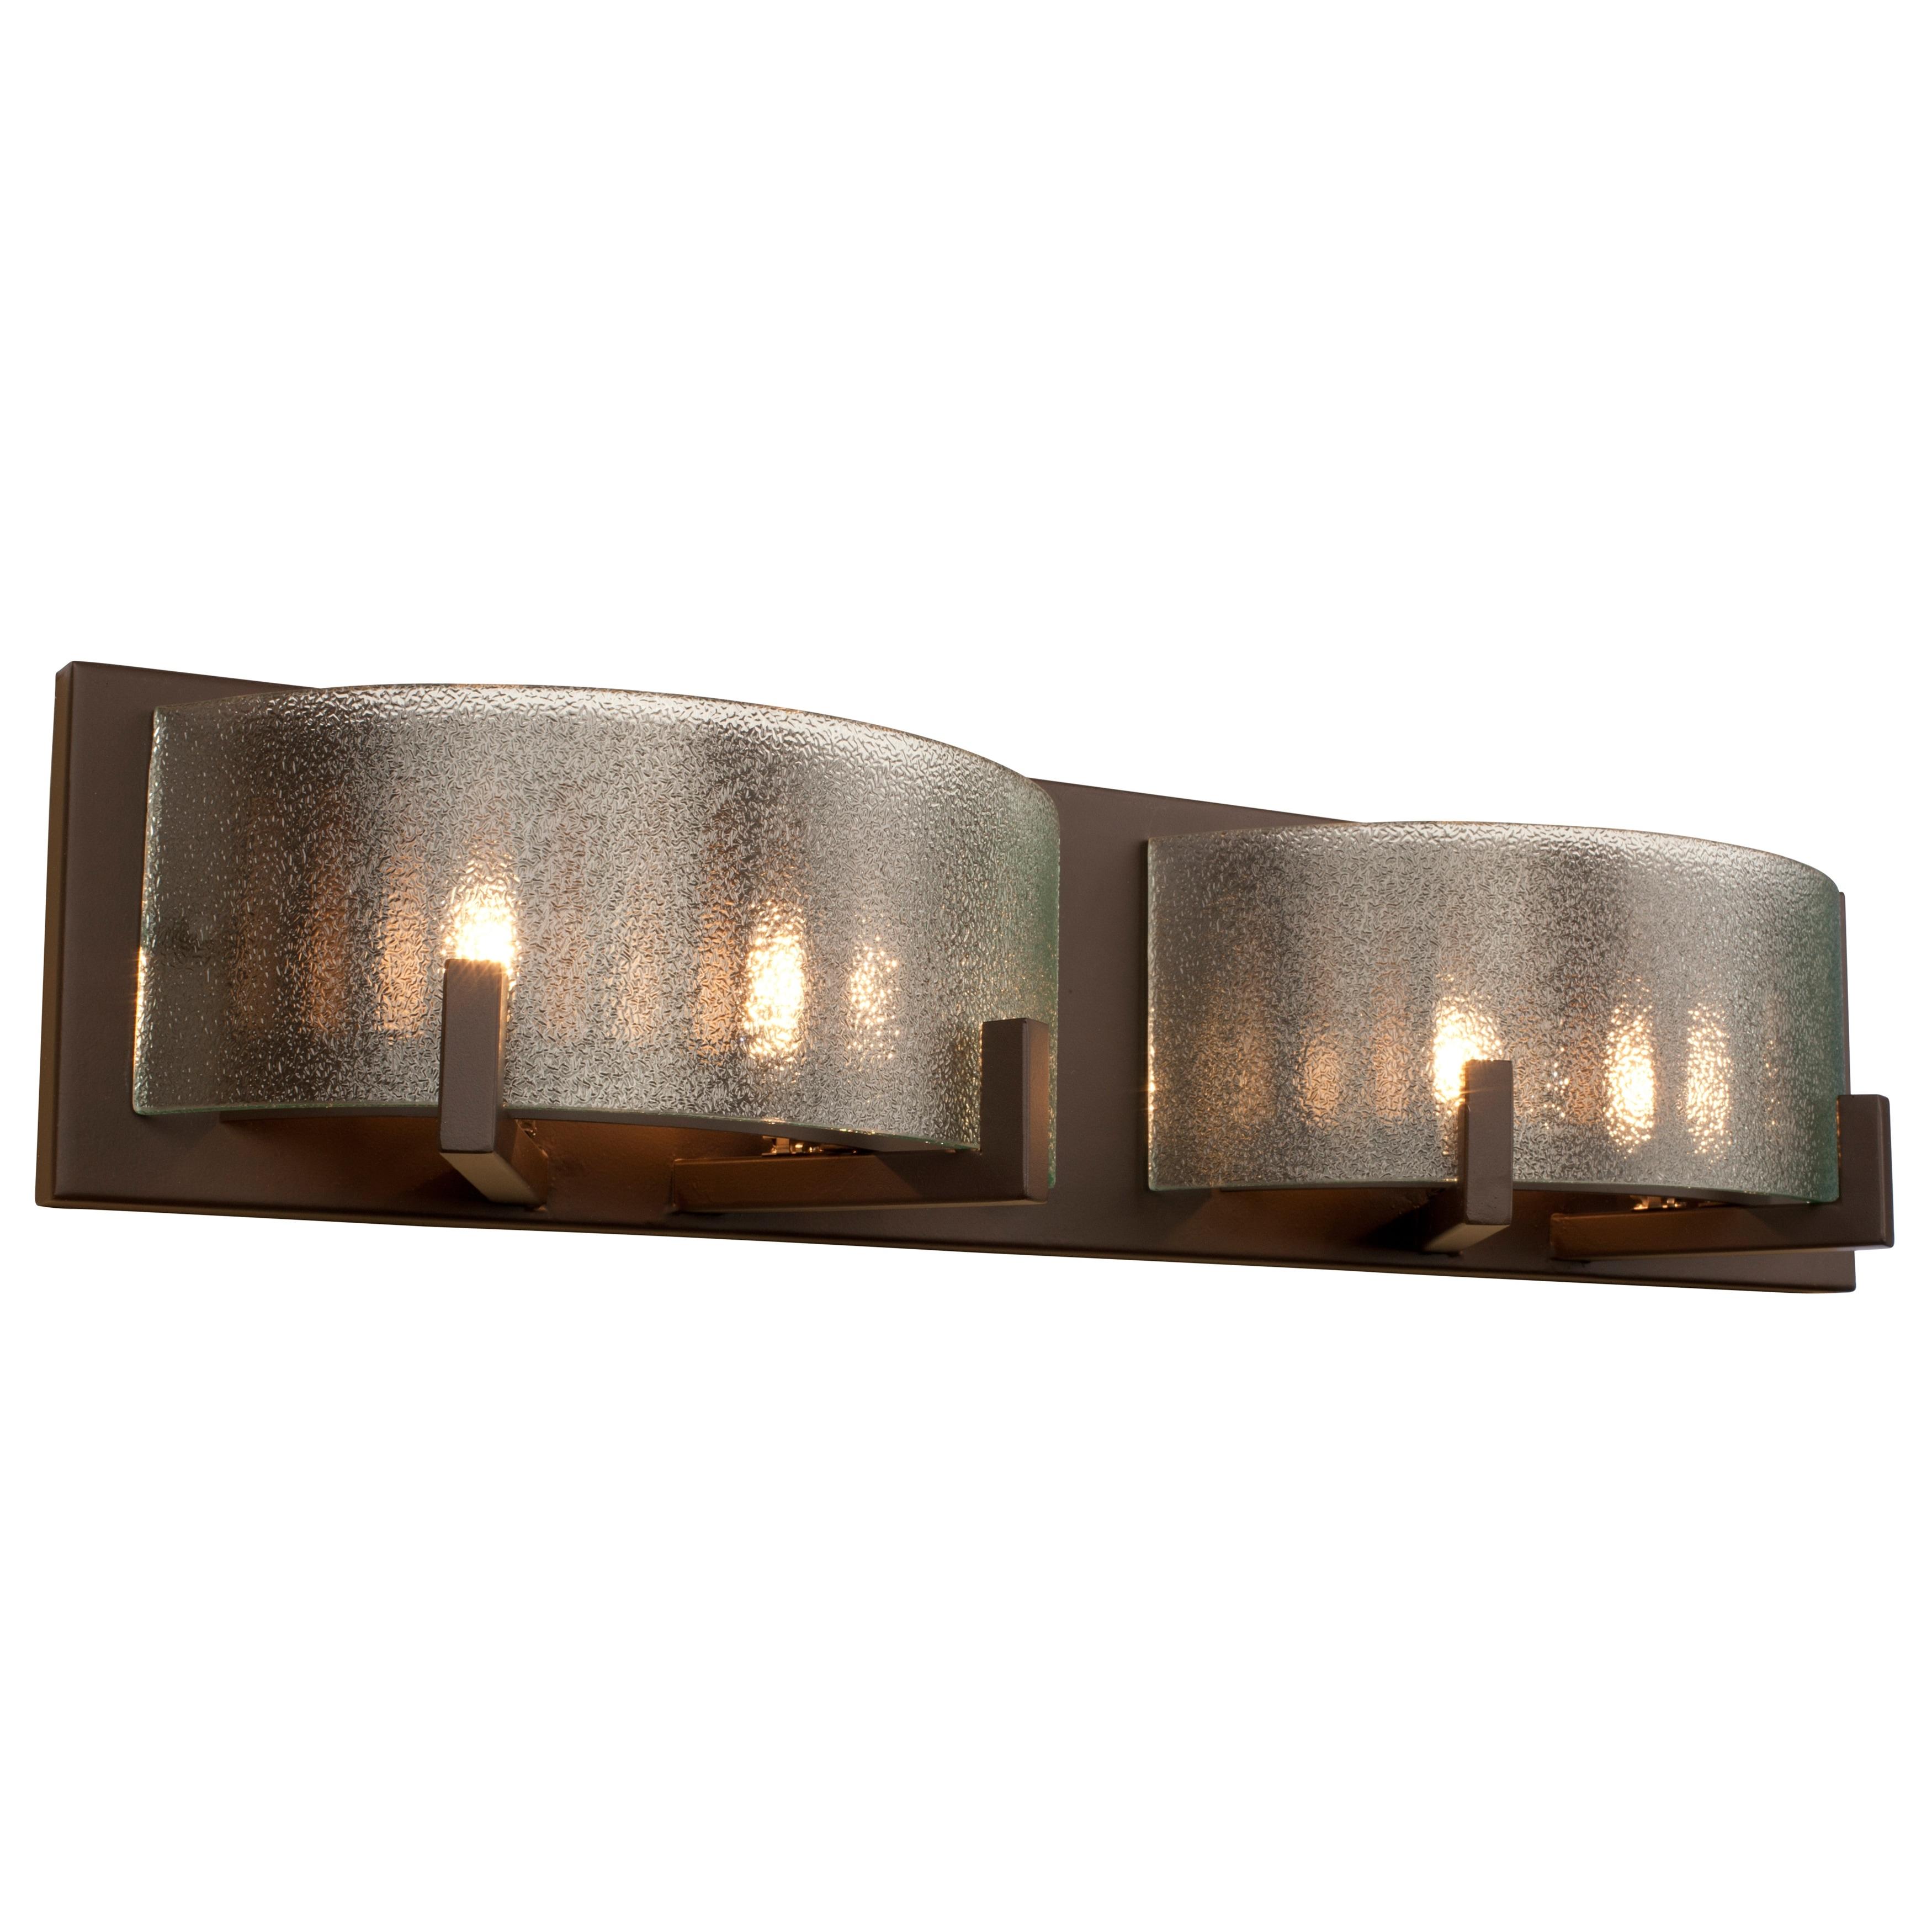 light bronze vanity fixture overstock shopping top rated blank